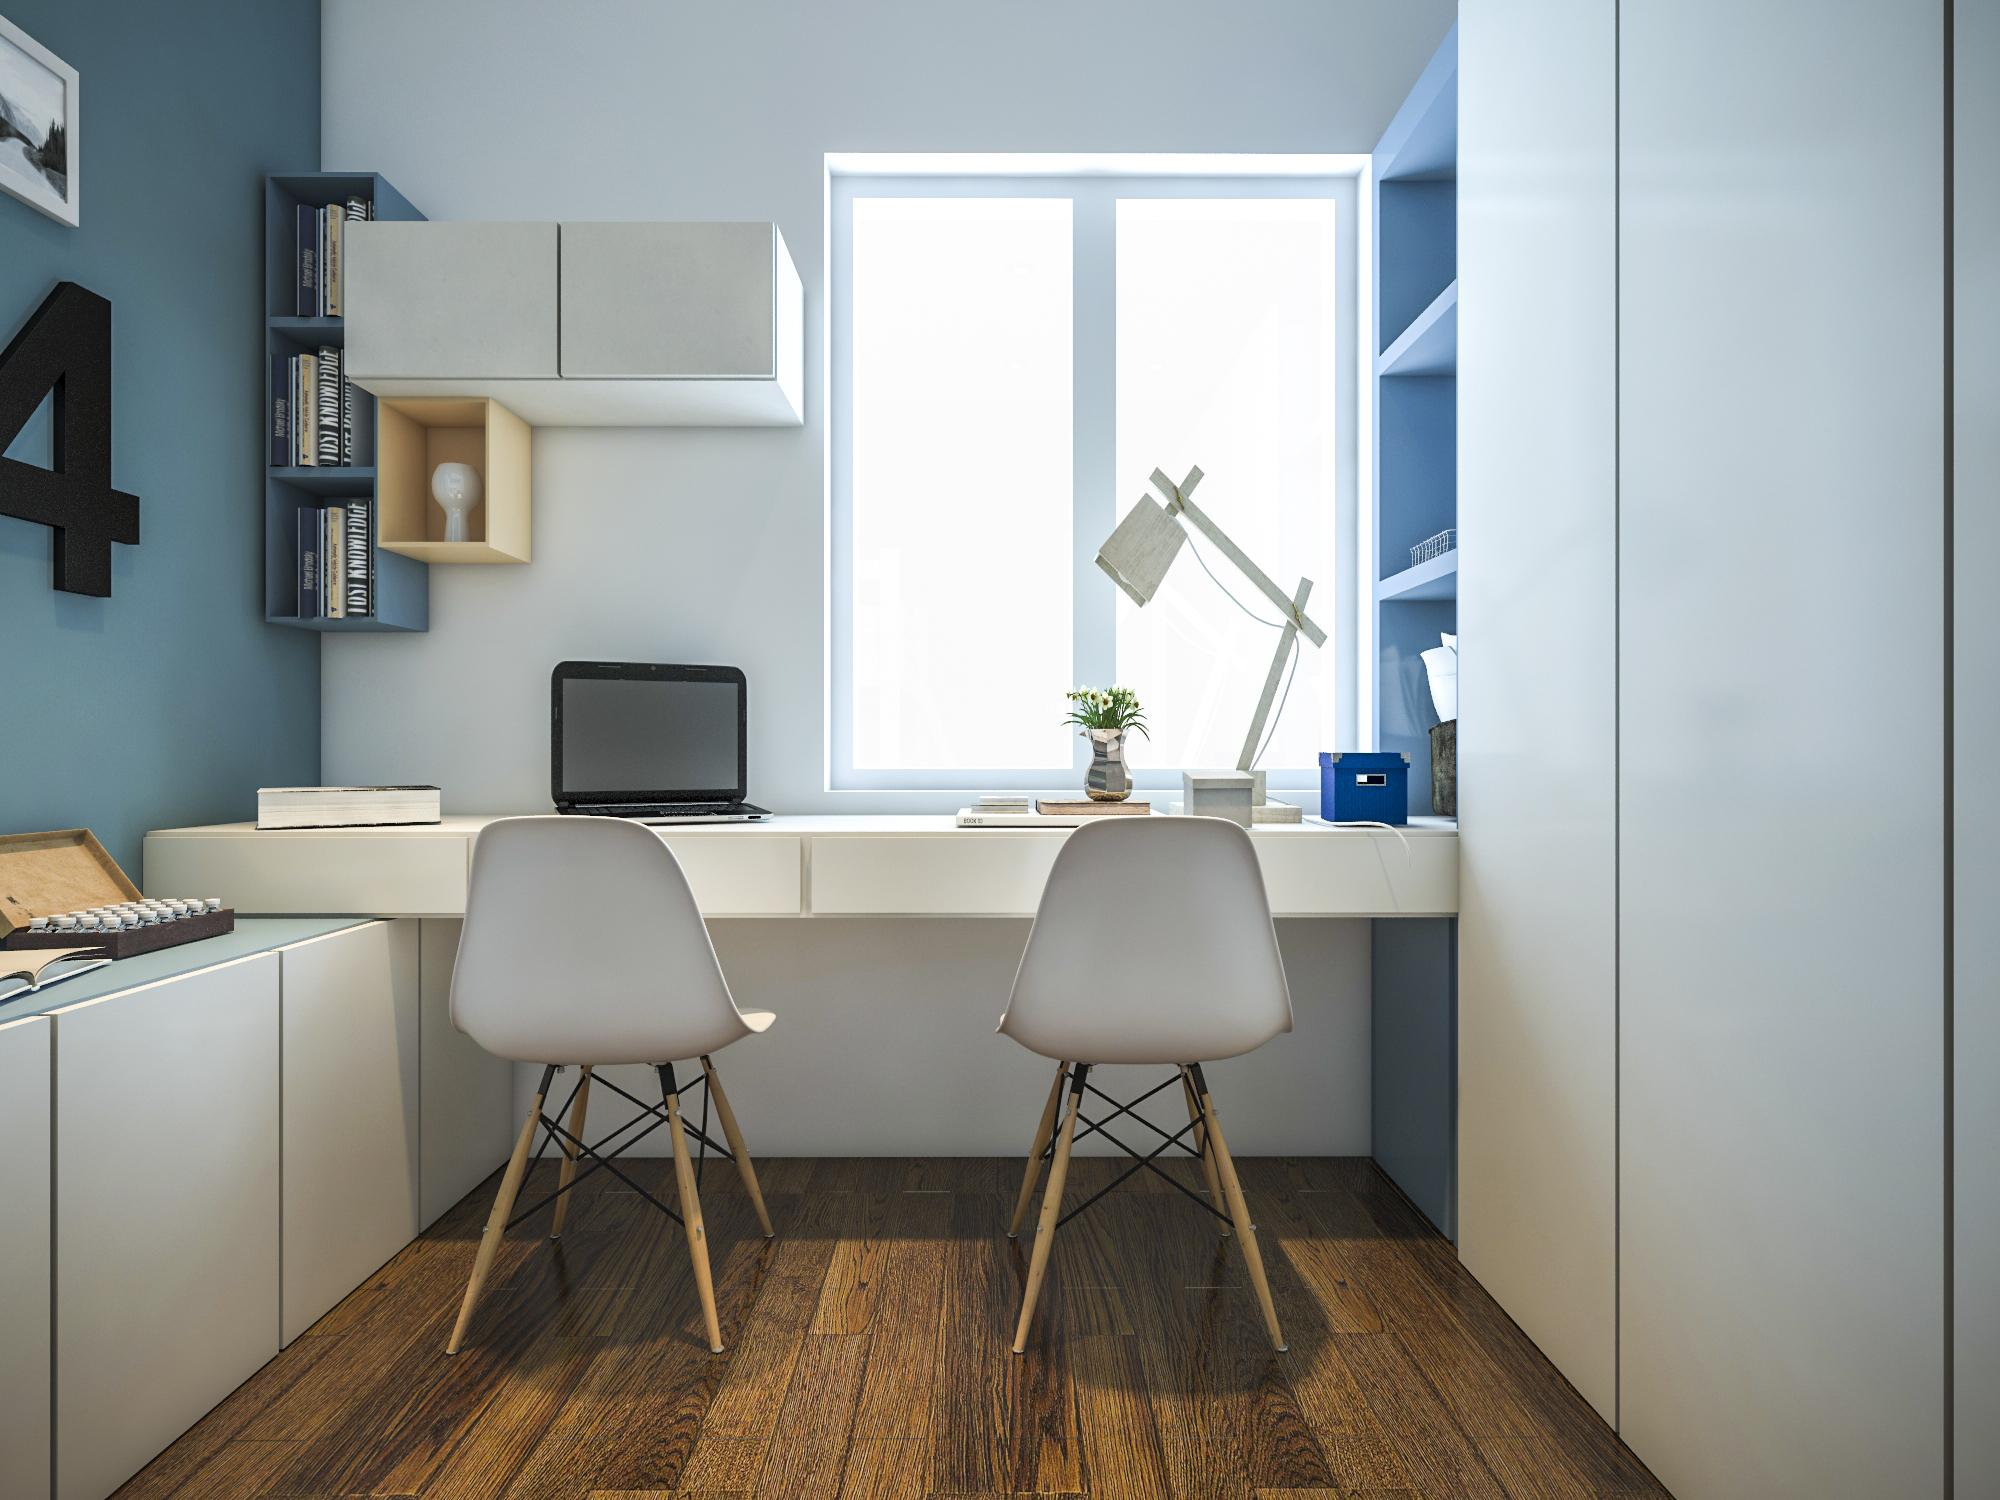 thiết kế nội thất chung cư tại Hồ Chí Minh Ms. Ly Apartment 19 1562574646